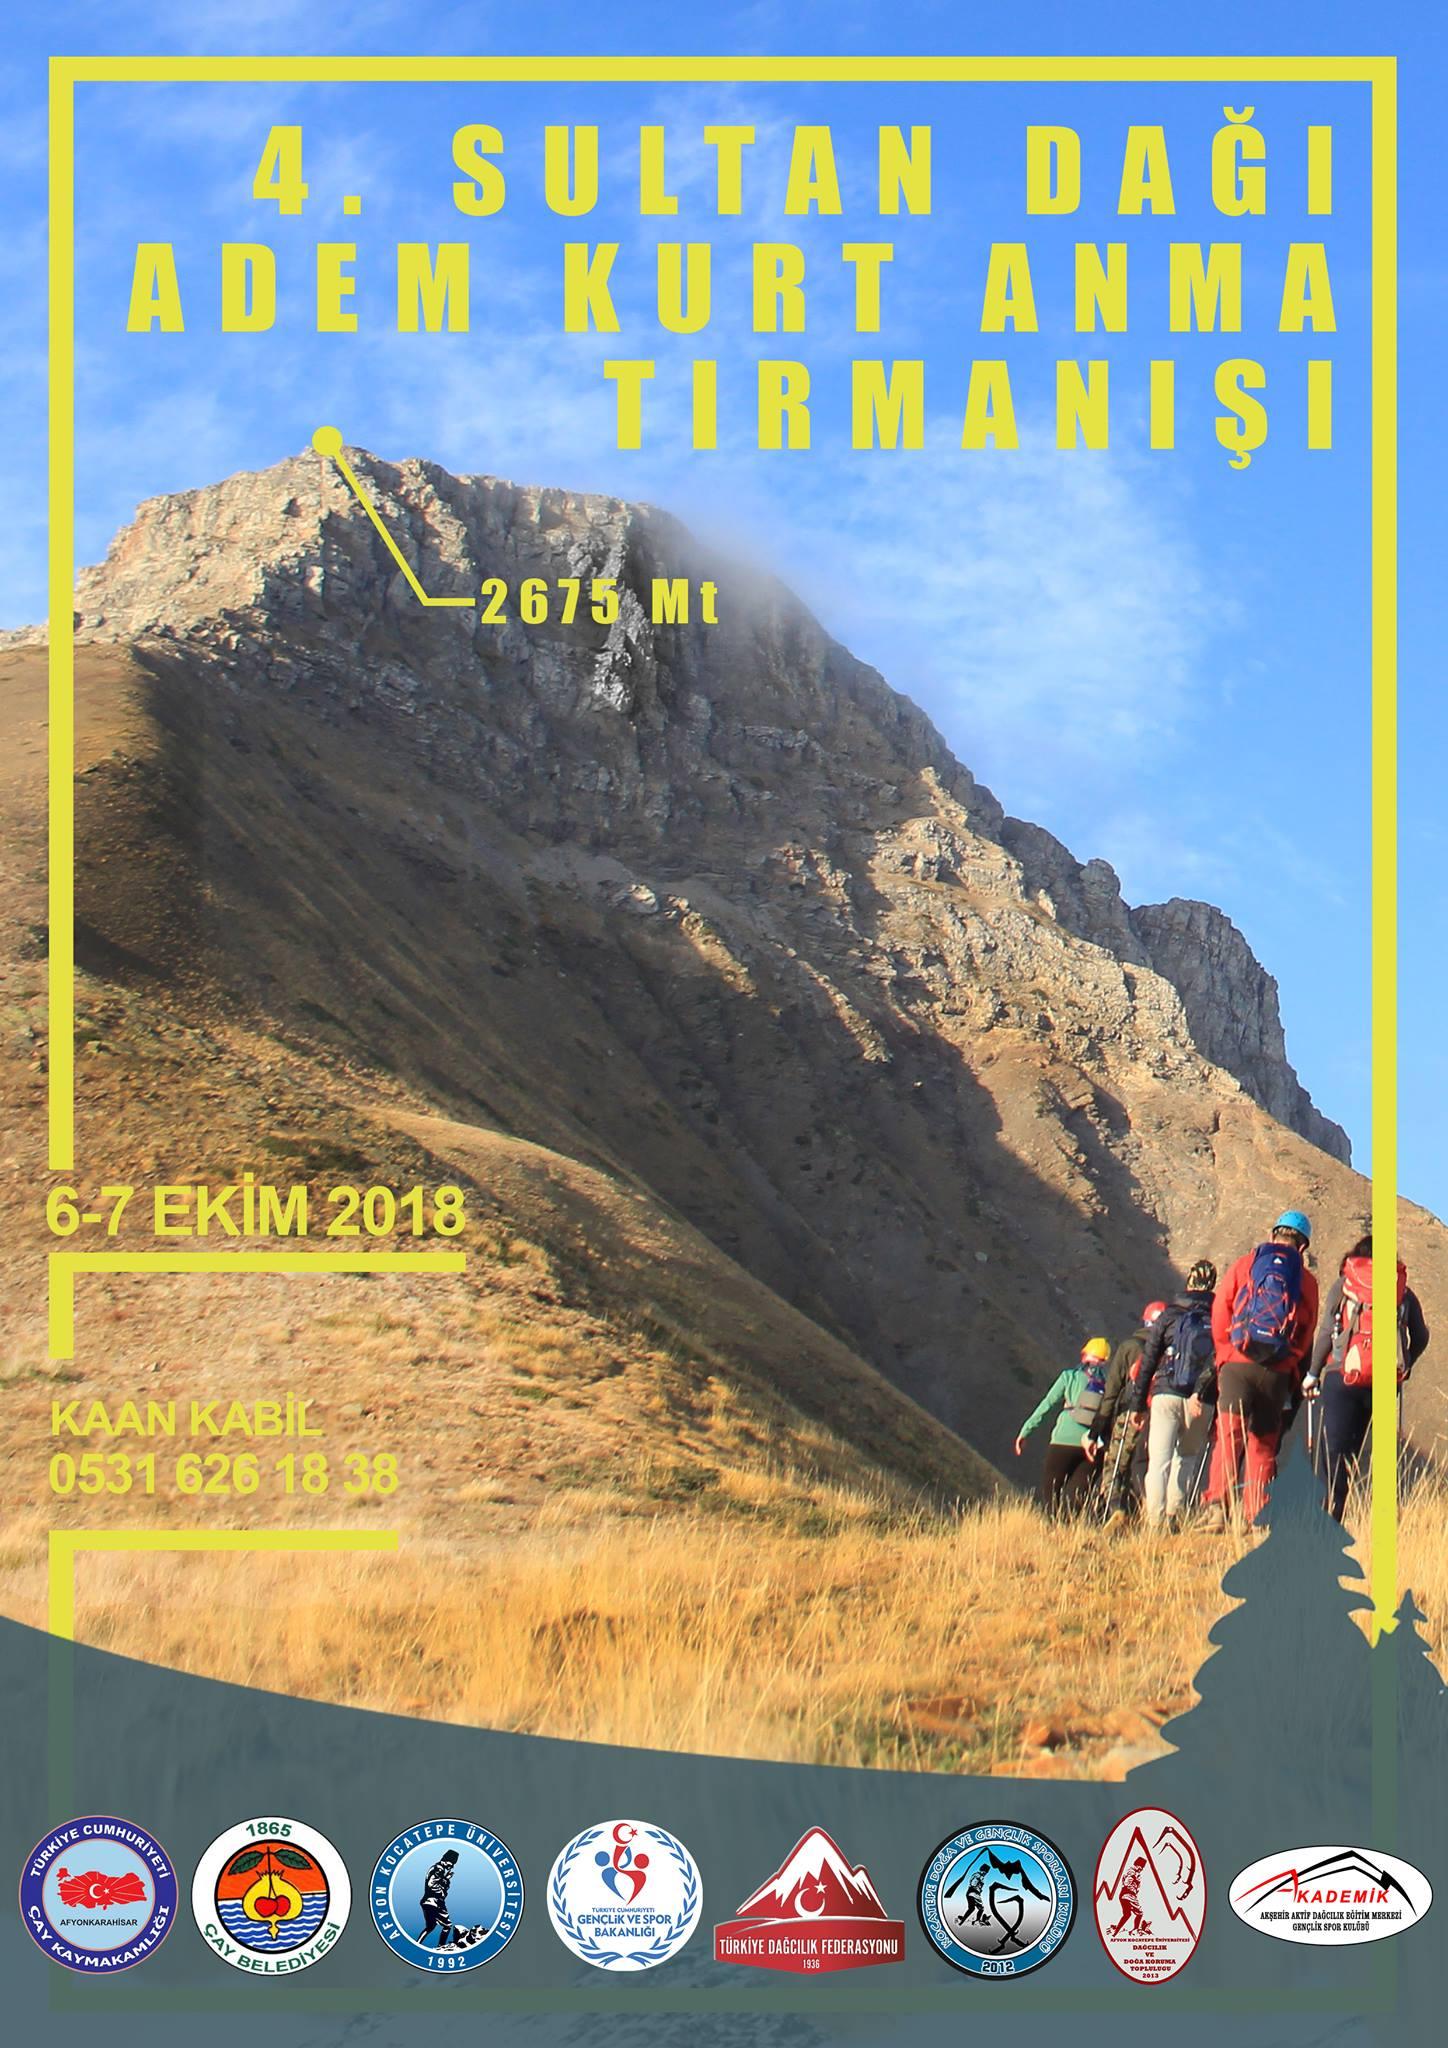 4. Sultan Dağı Adem Kurt Anma Tırmanışı Daveti